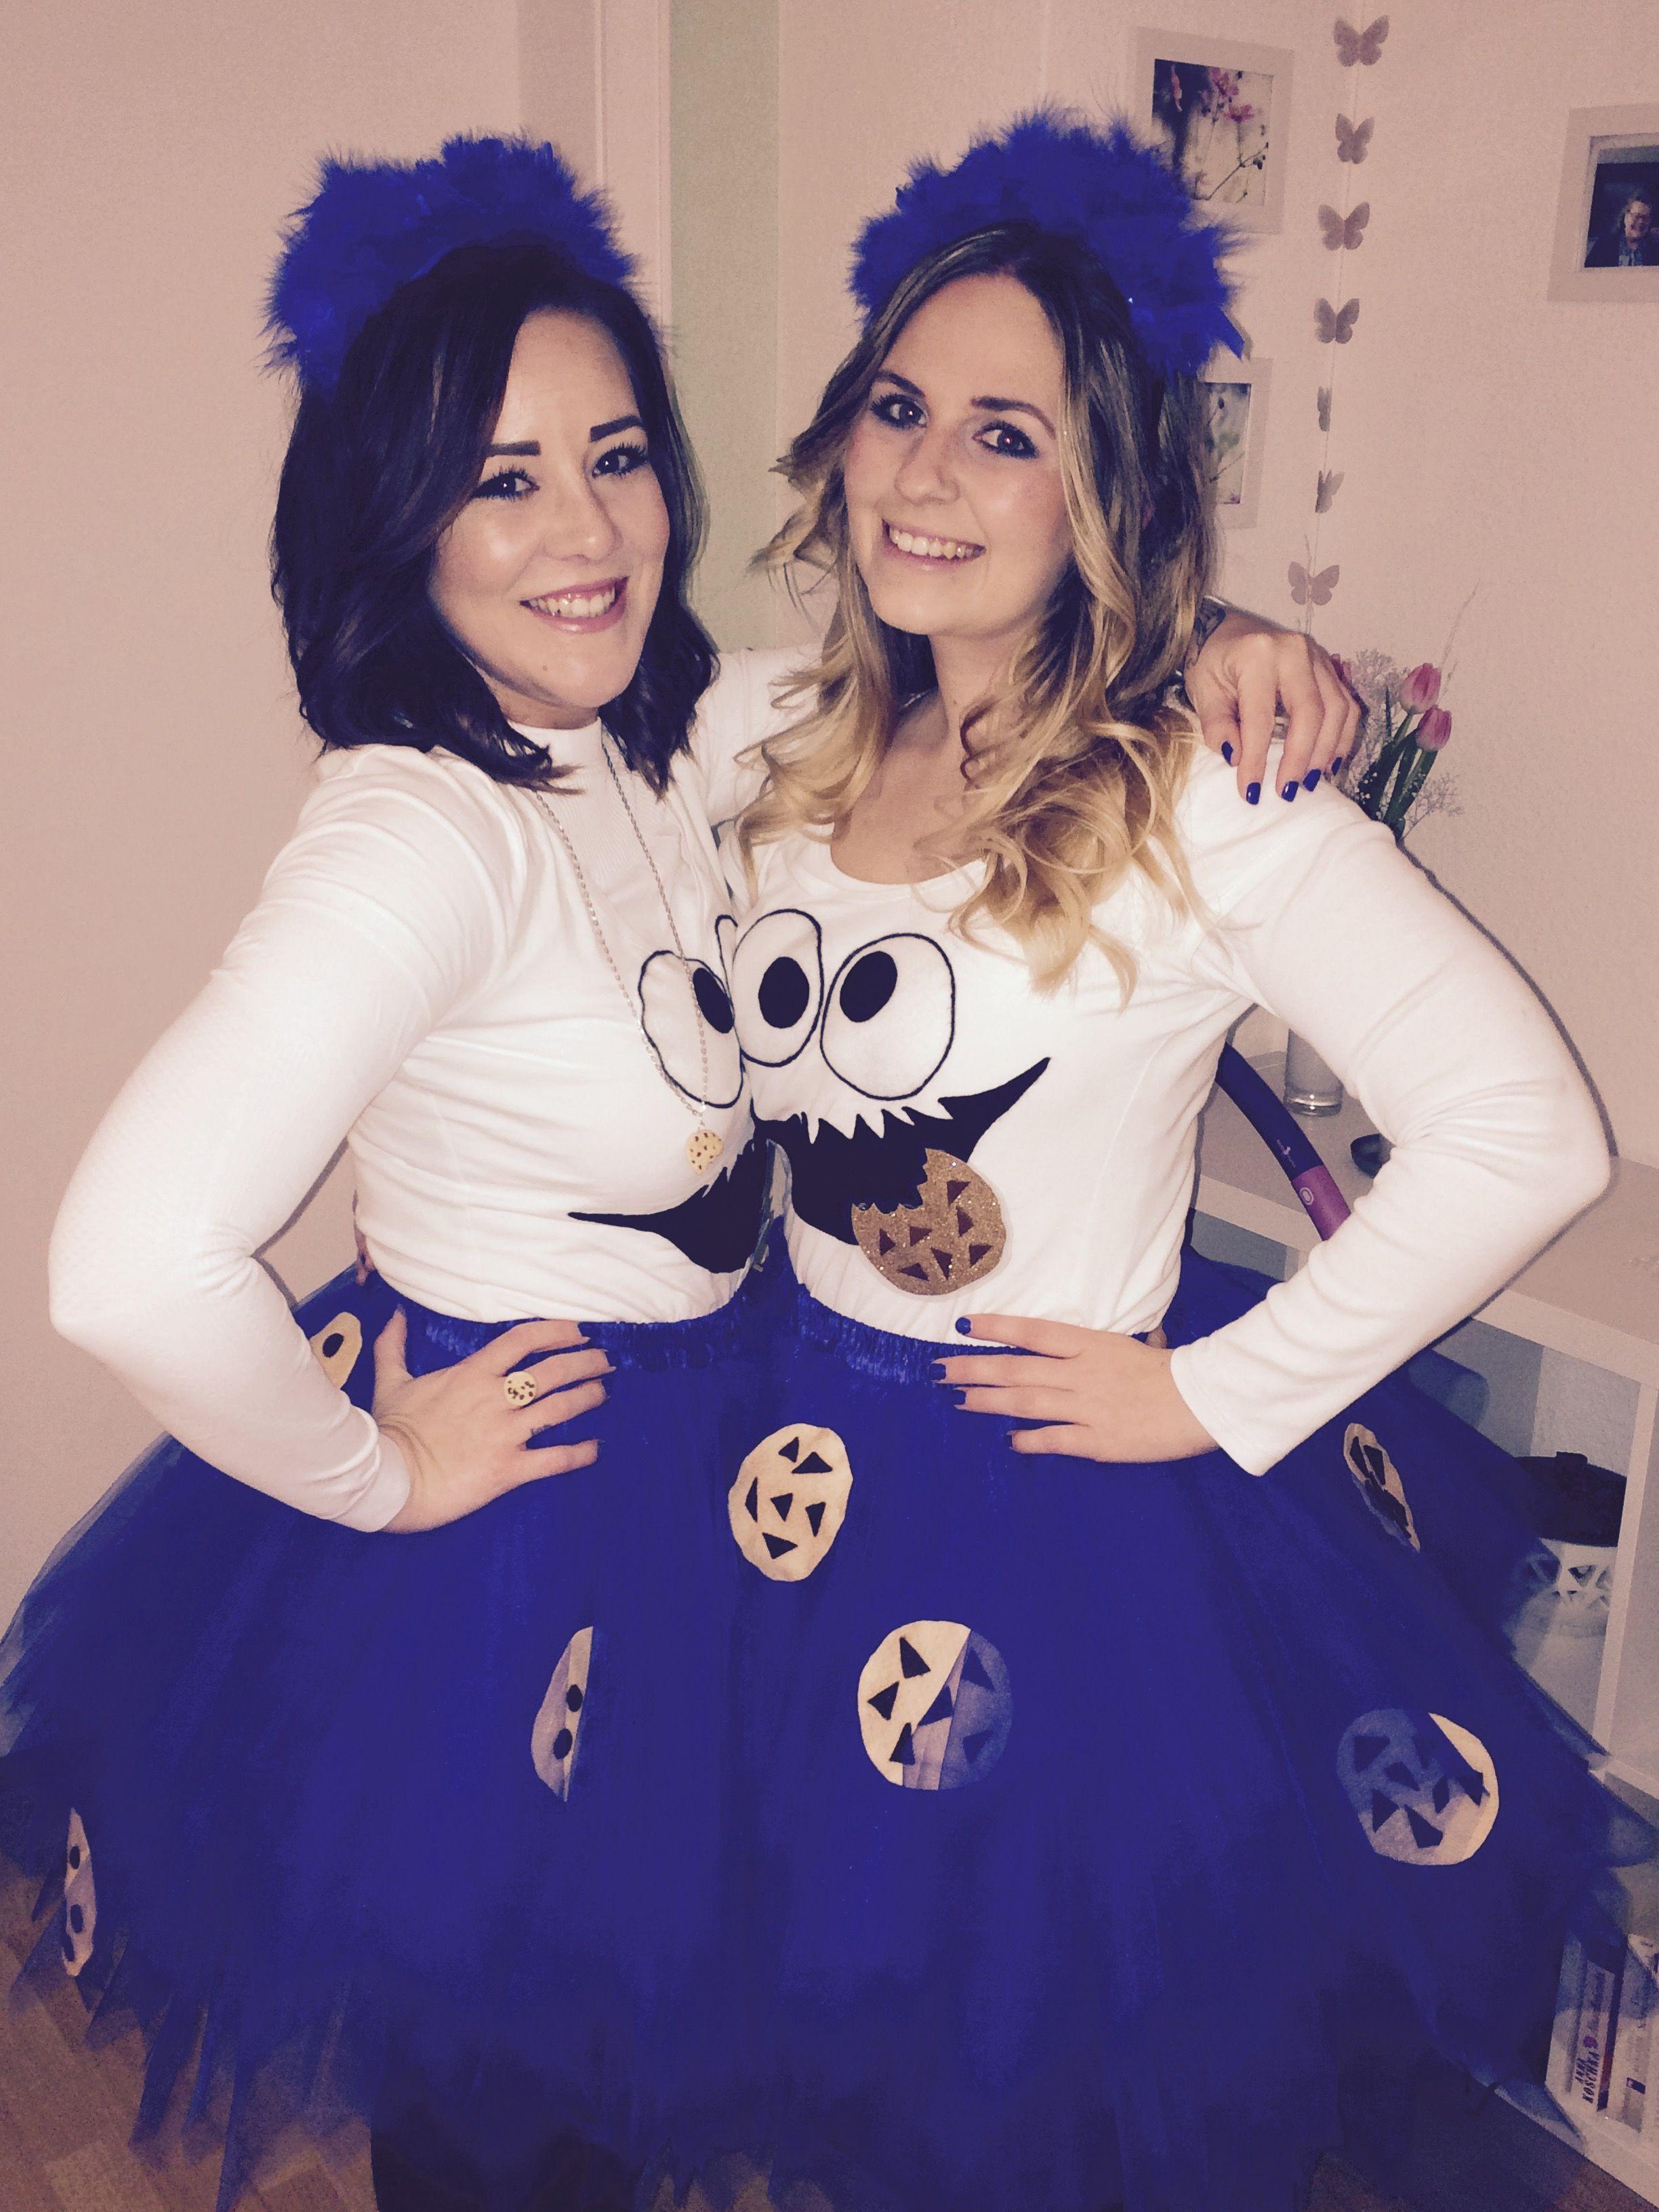 karneval kostüm damen einfach selber machen